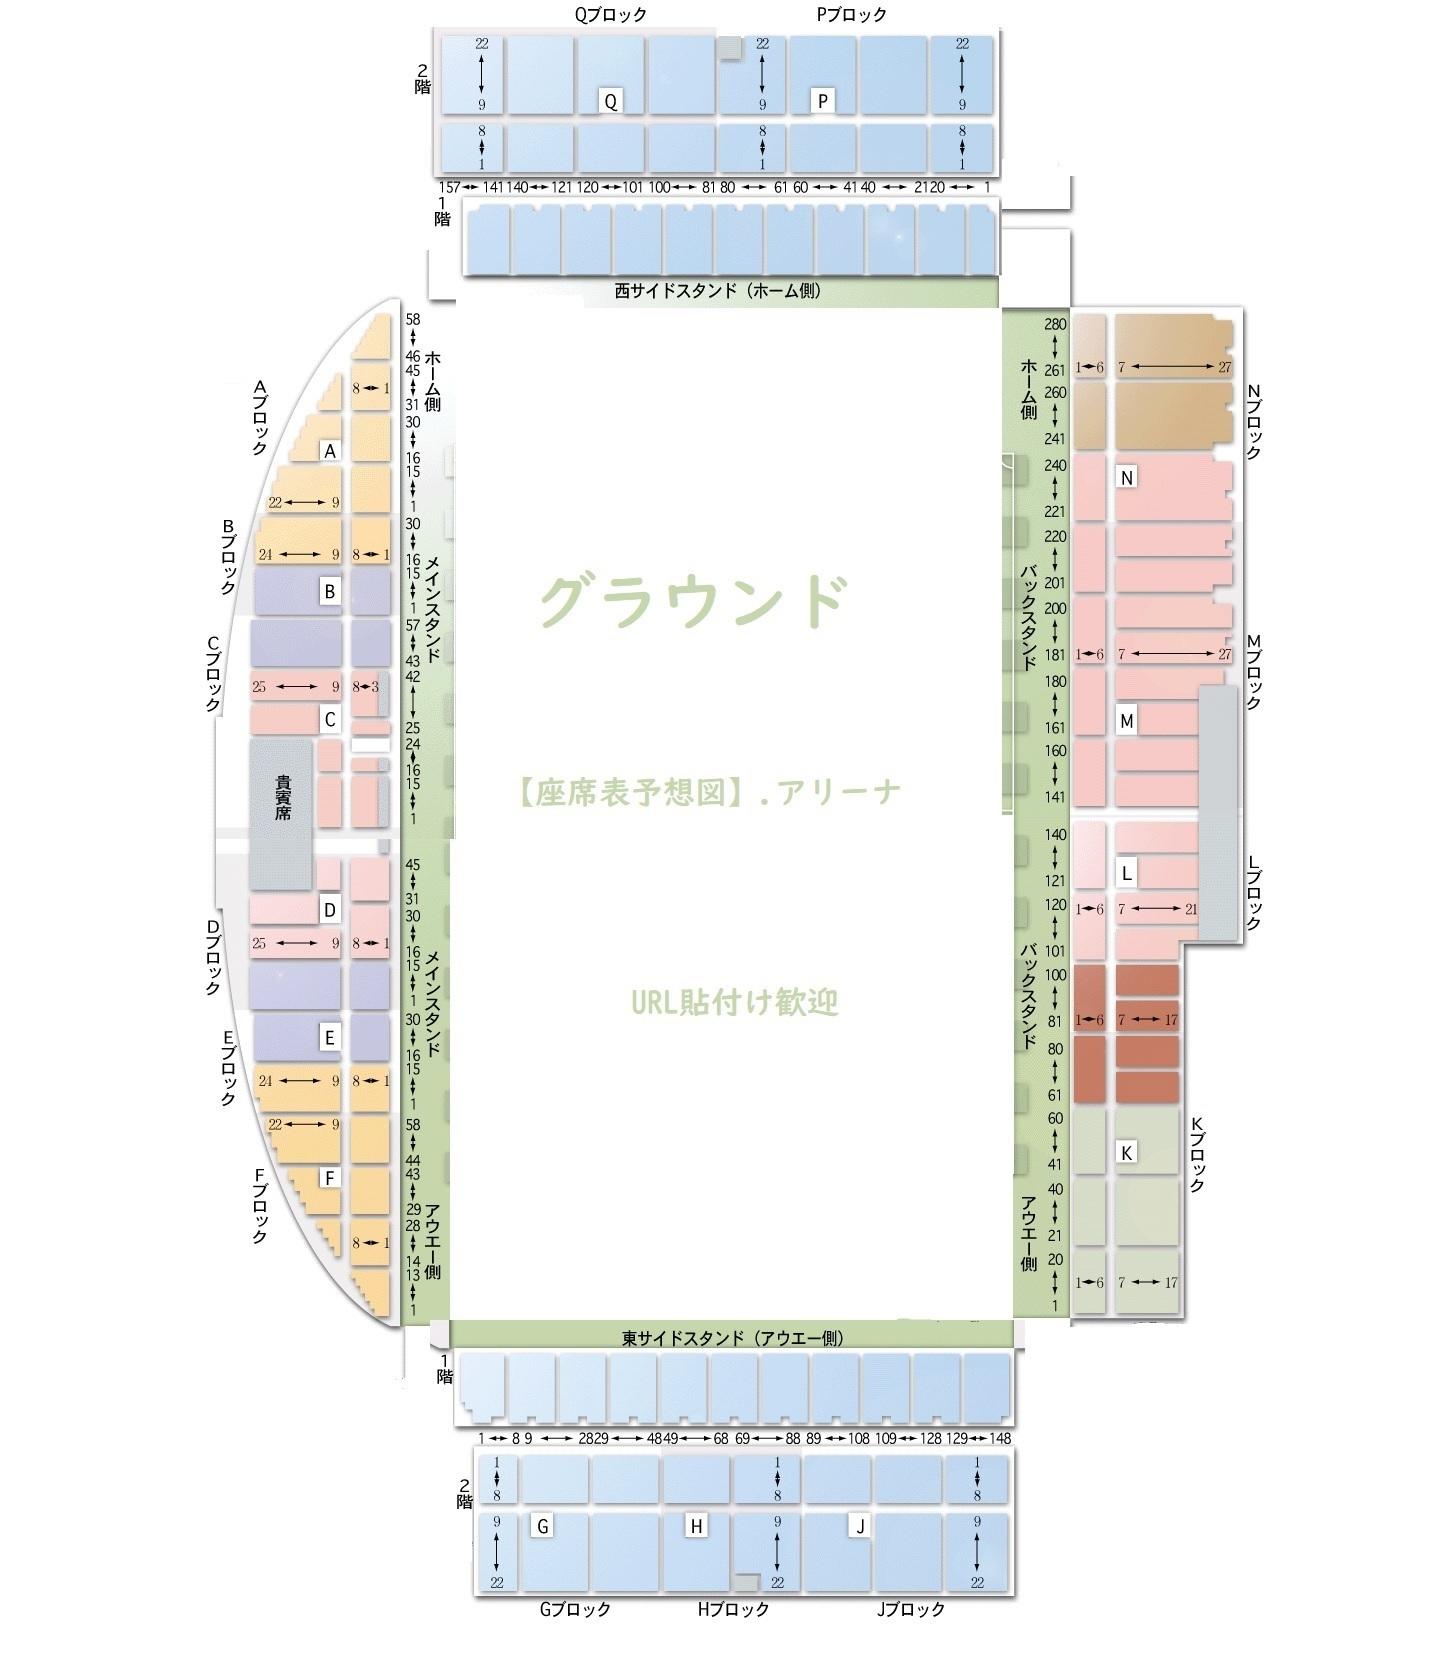 神戸 ノエビア 表 スタジアム 座席